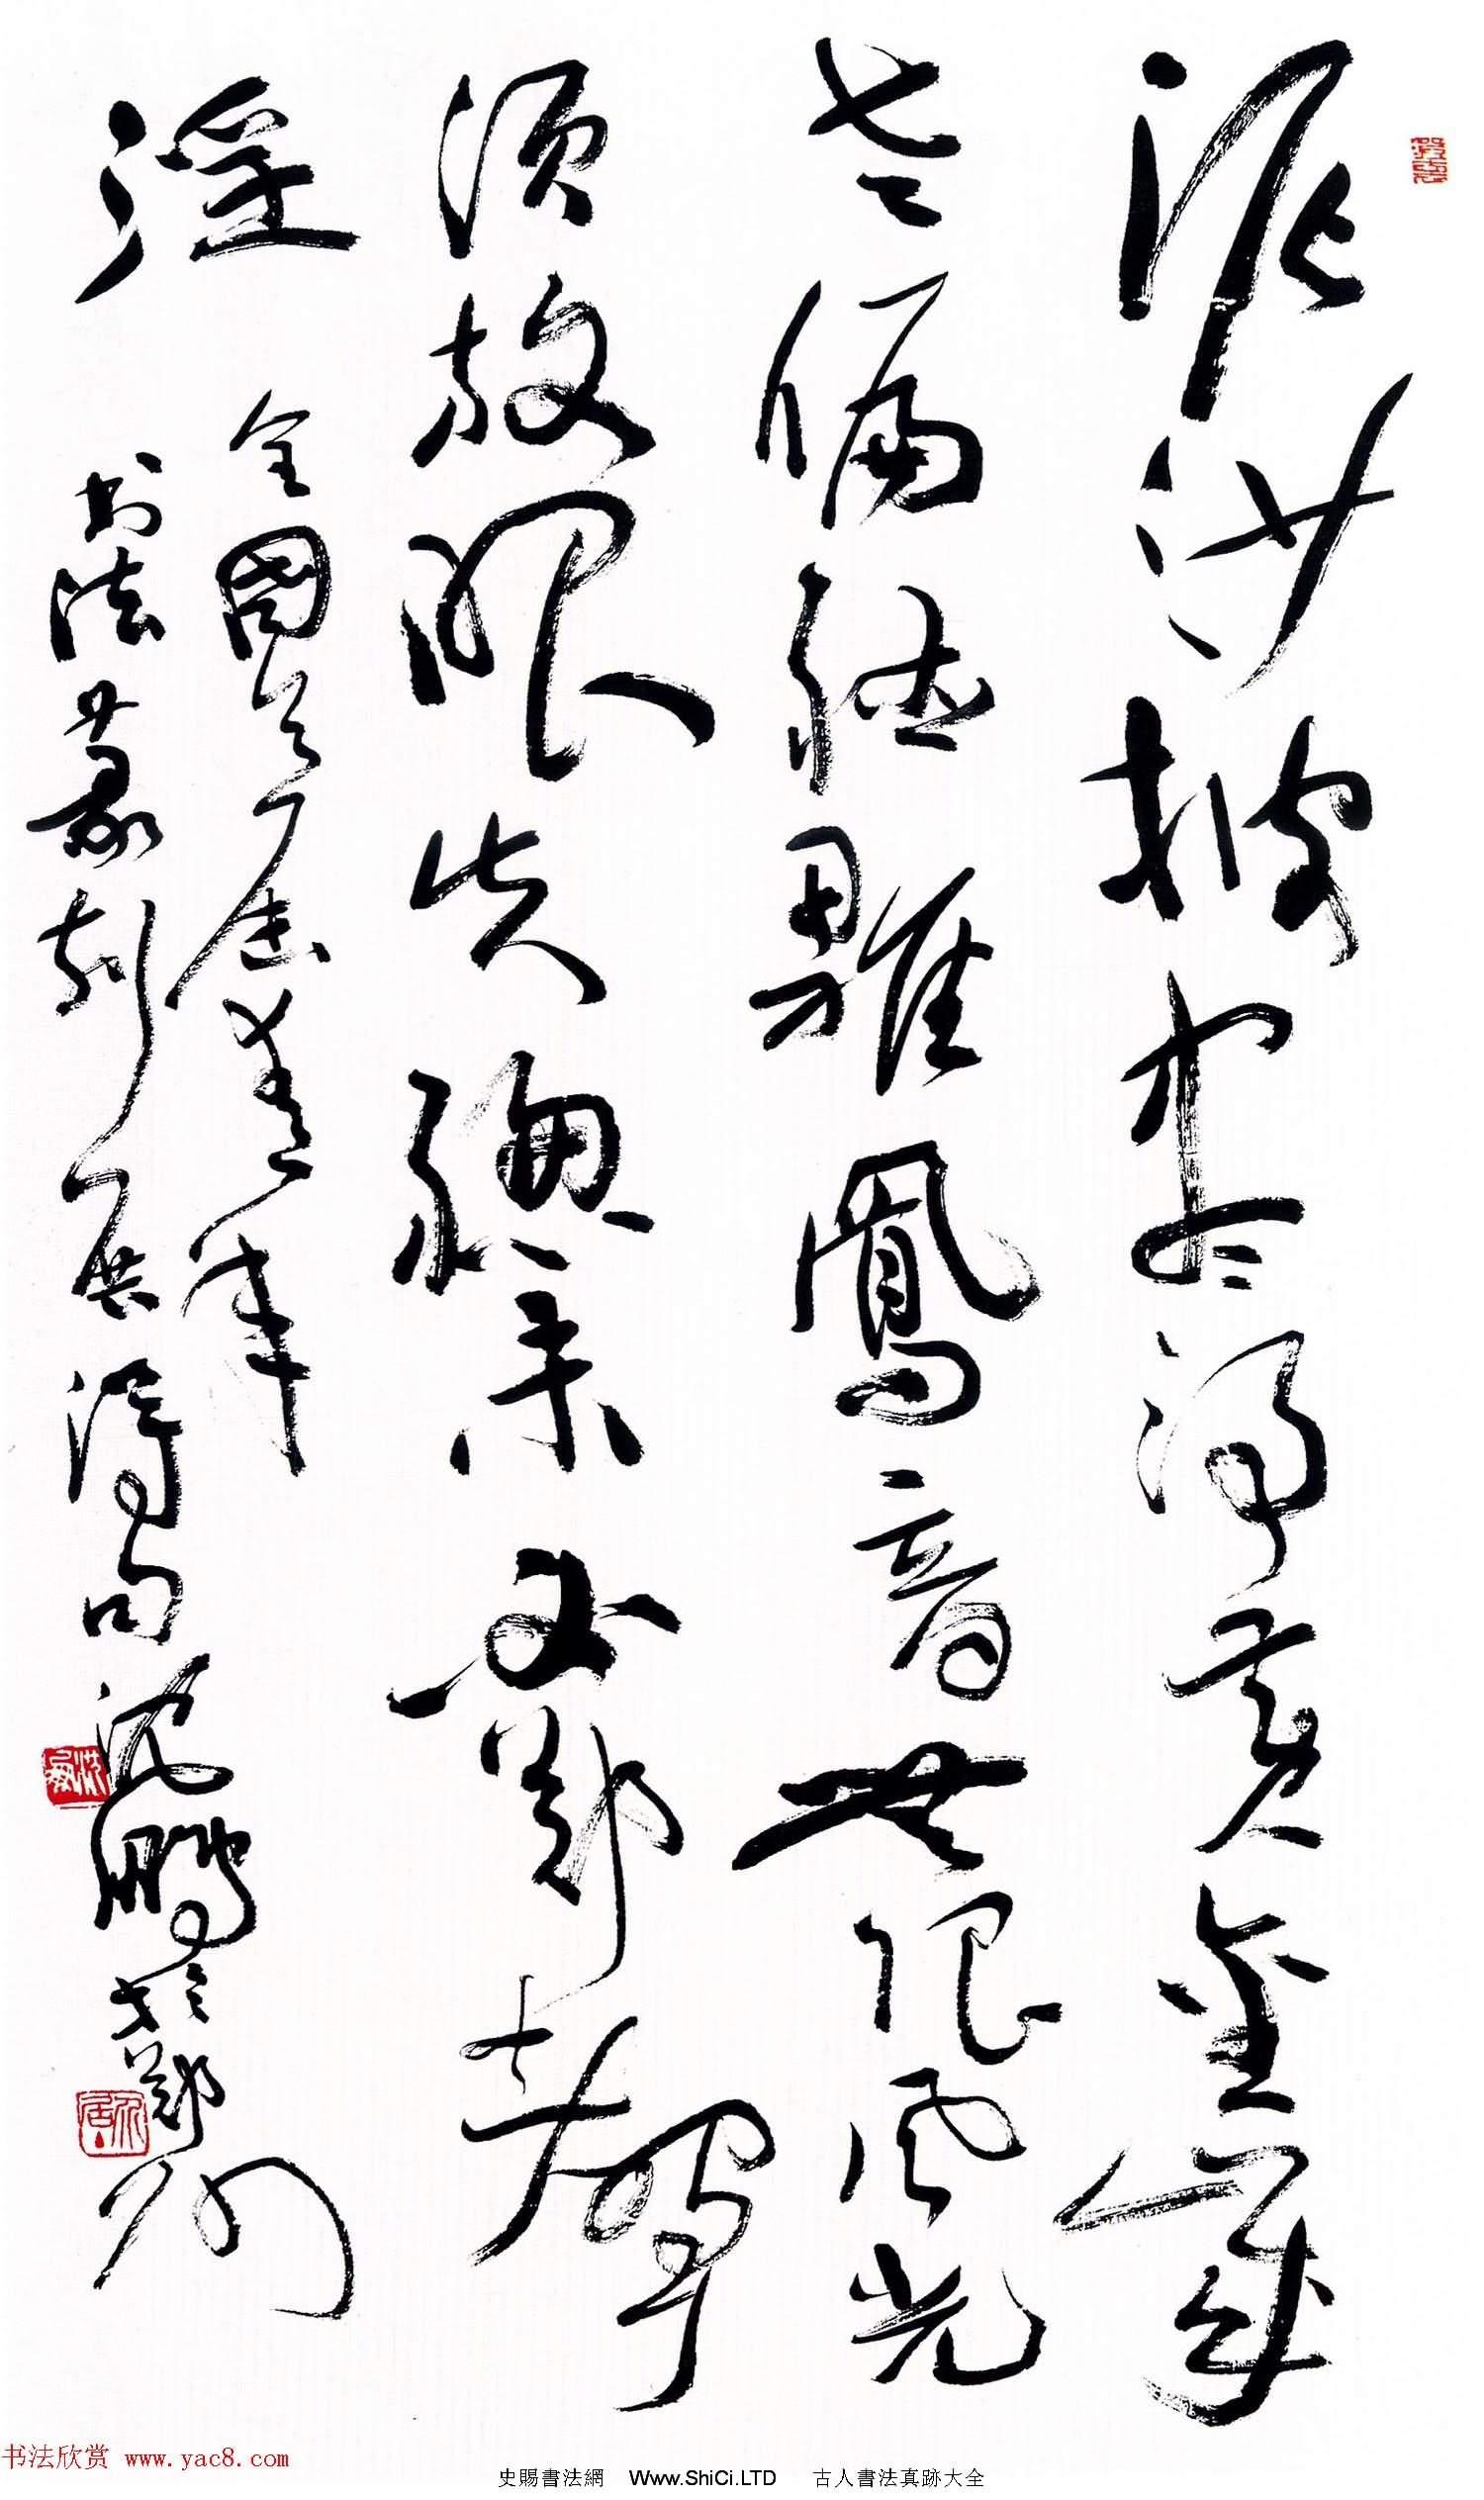 全國首屆青年書法篆刻展評委作品真跡欣賞(共26張圖片)